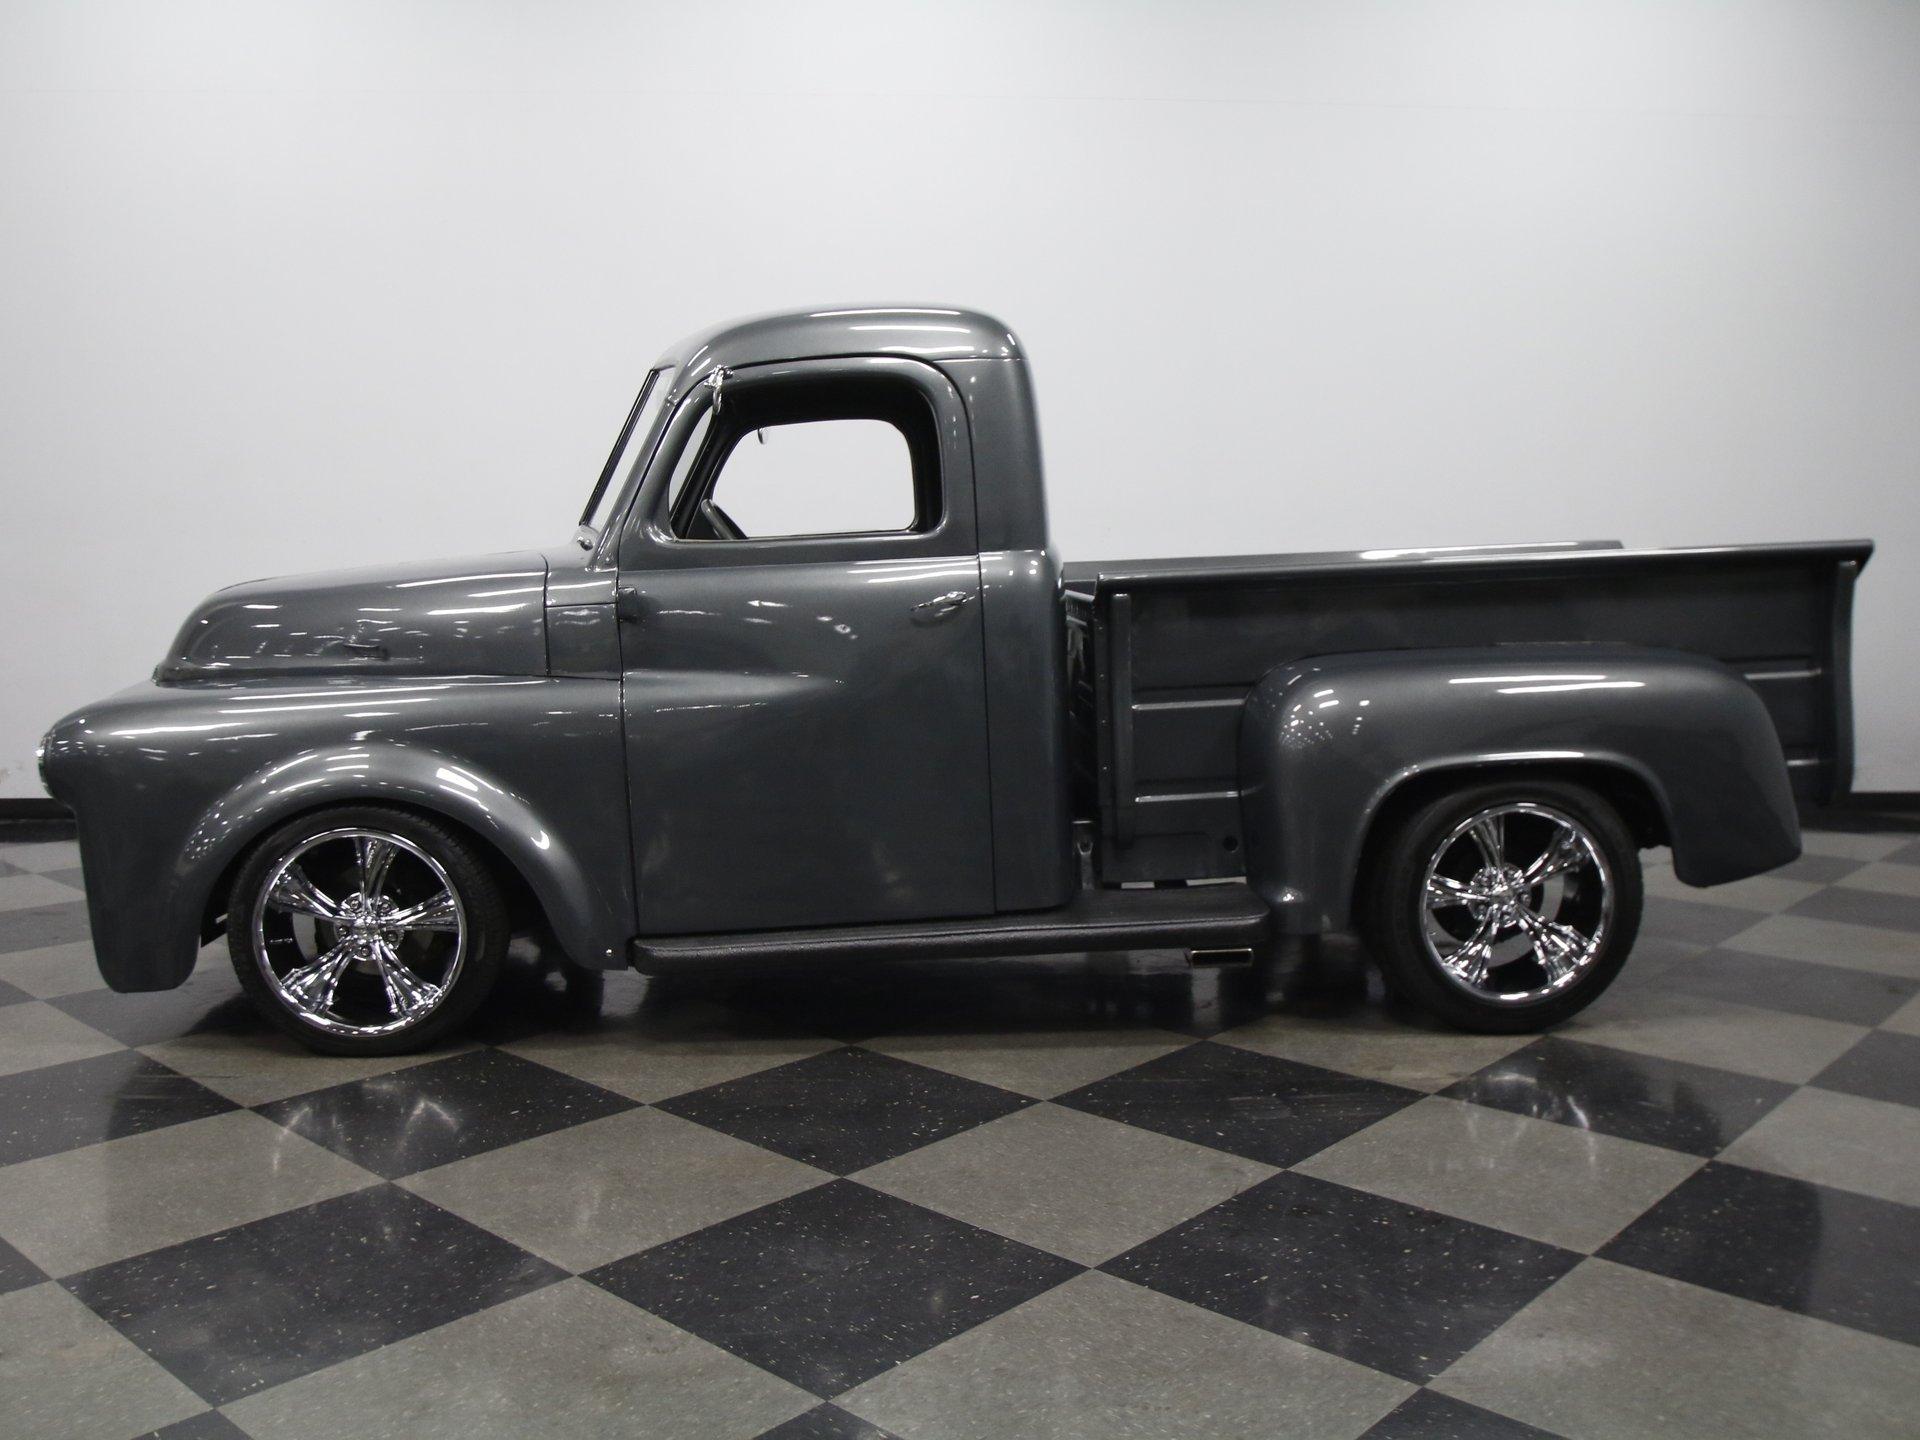 1953 dodge b series truck